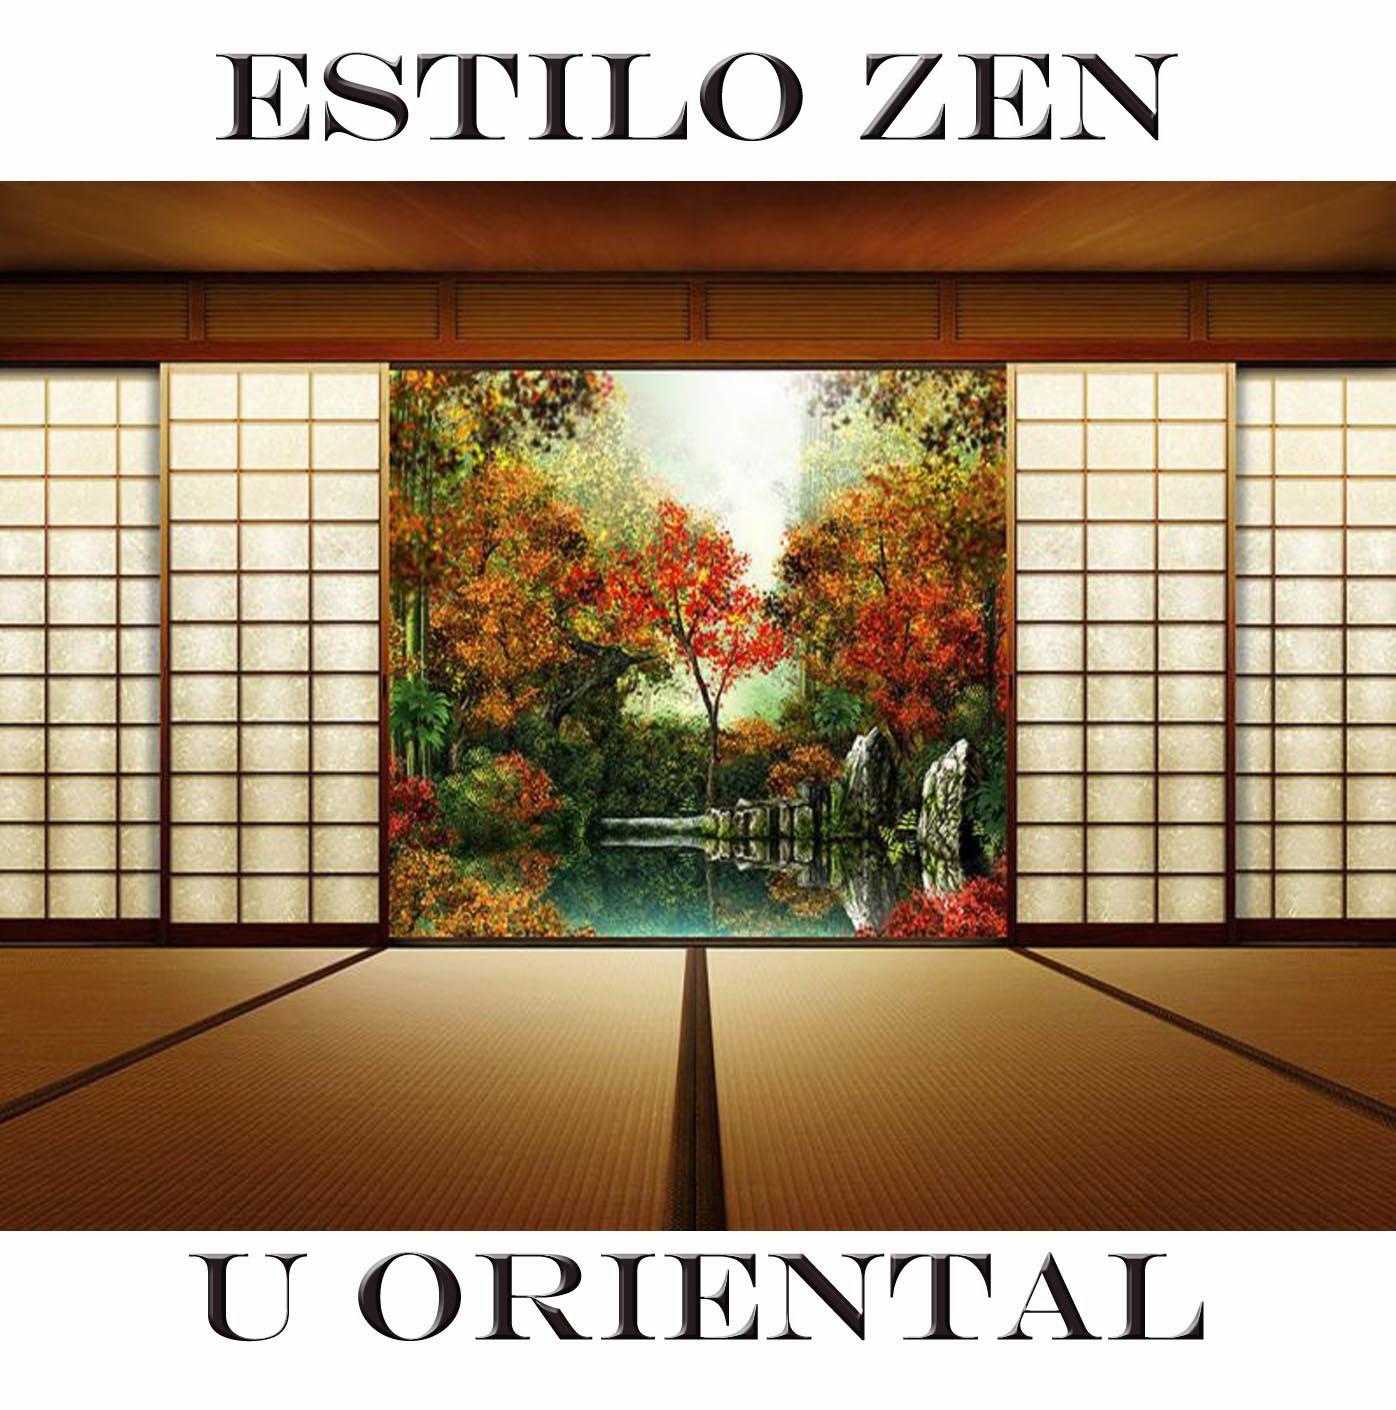 Estilo x zen u oriental decoraci n patri blanco - Estilo zen decoracion ...